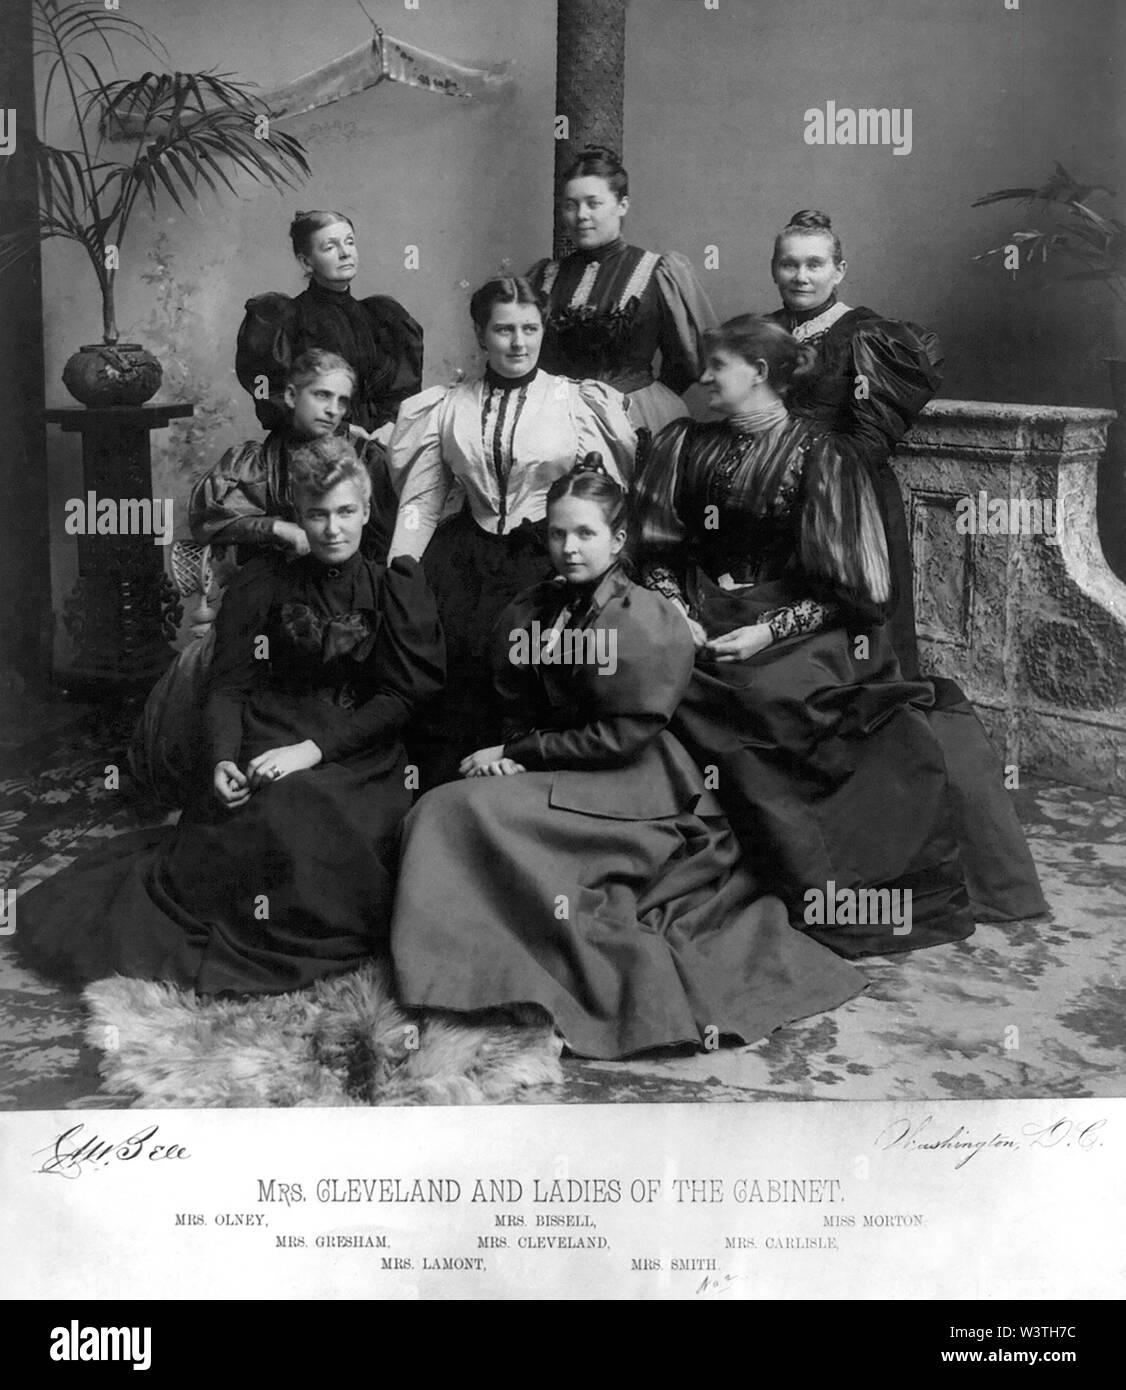 La Sra. Cleveland y Damas del Gabinete, Fotografía por Charles Milton Bell, en Washington DC, Estados Unidos, 1894 Imagen De Stock